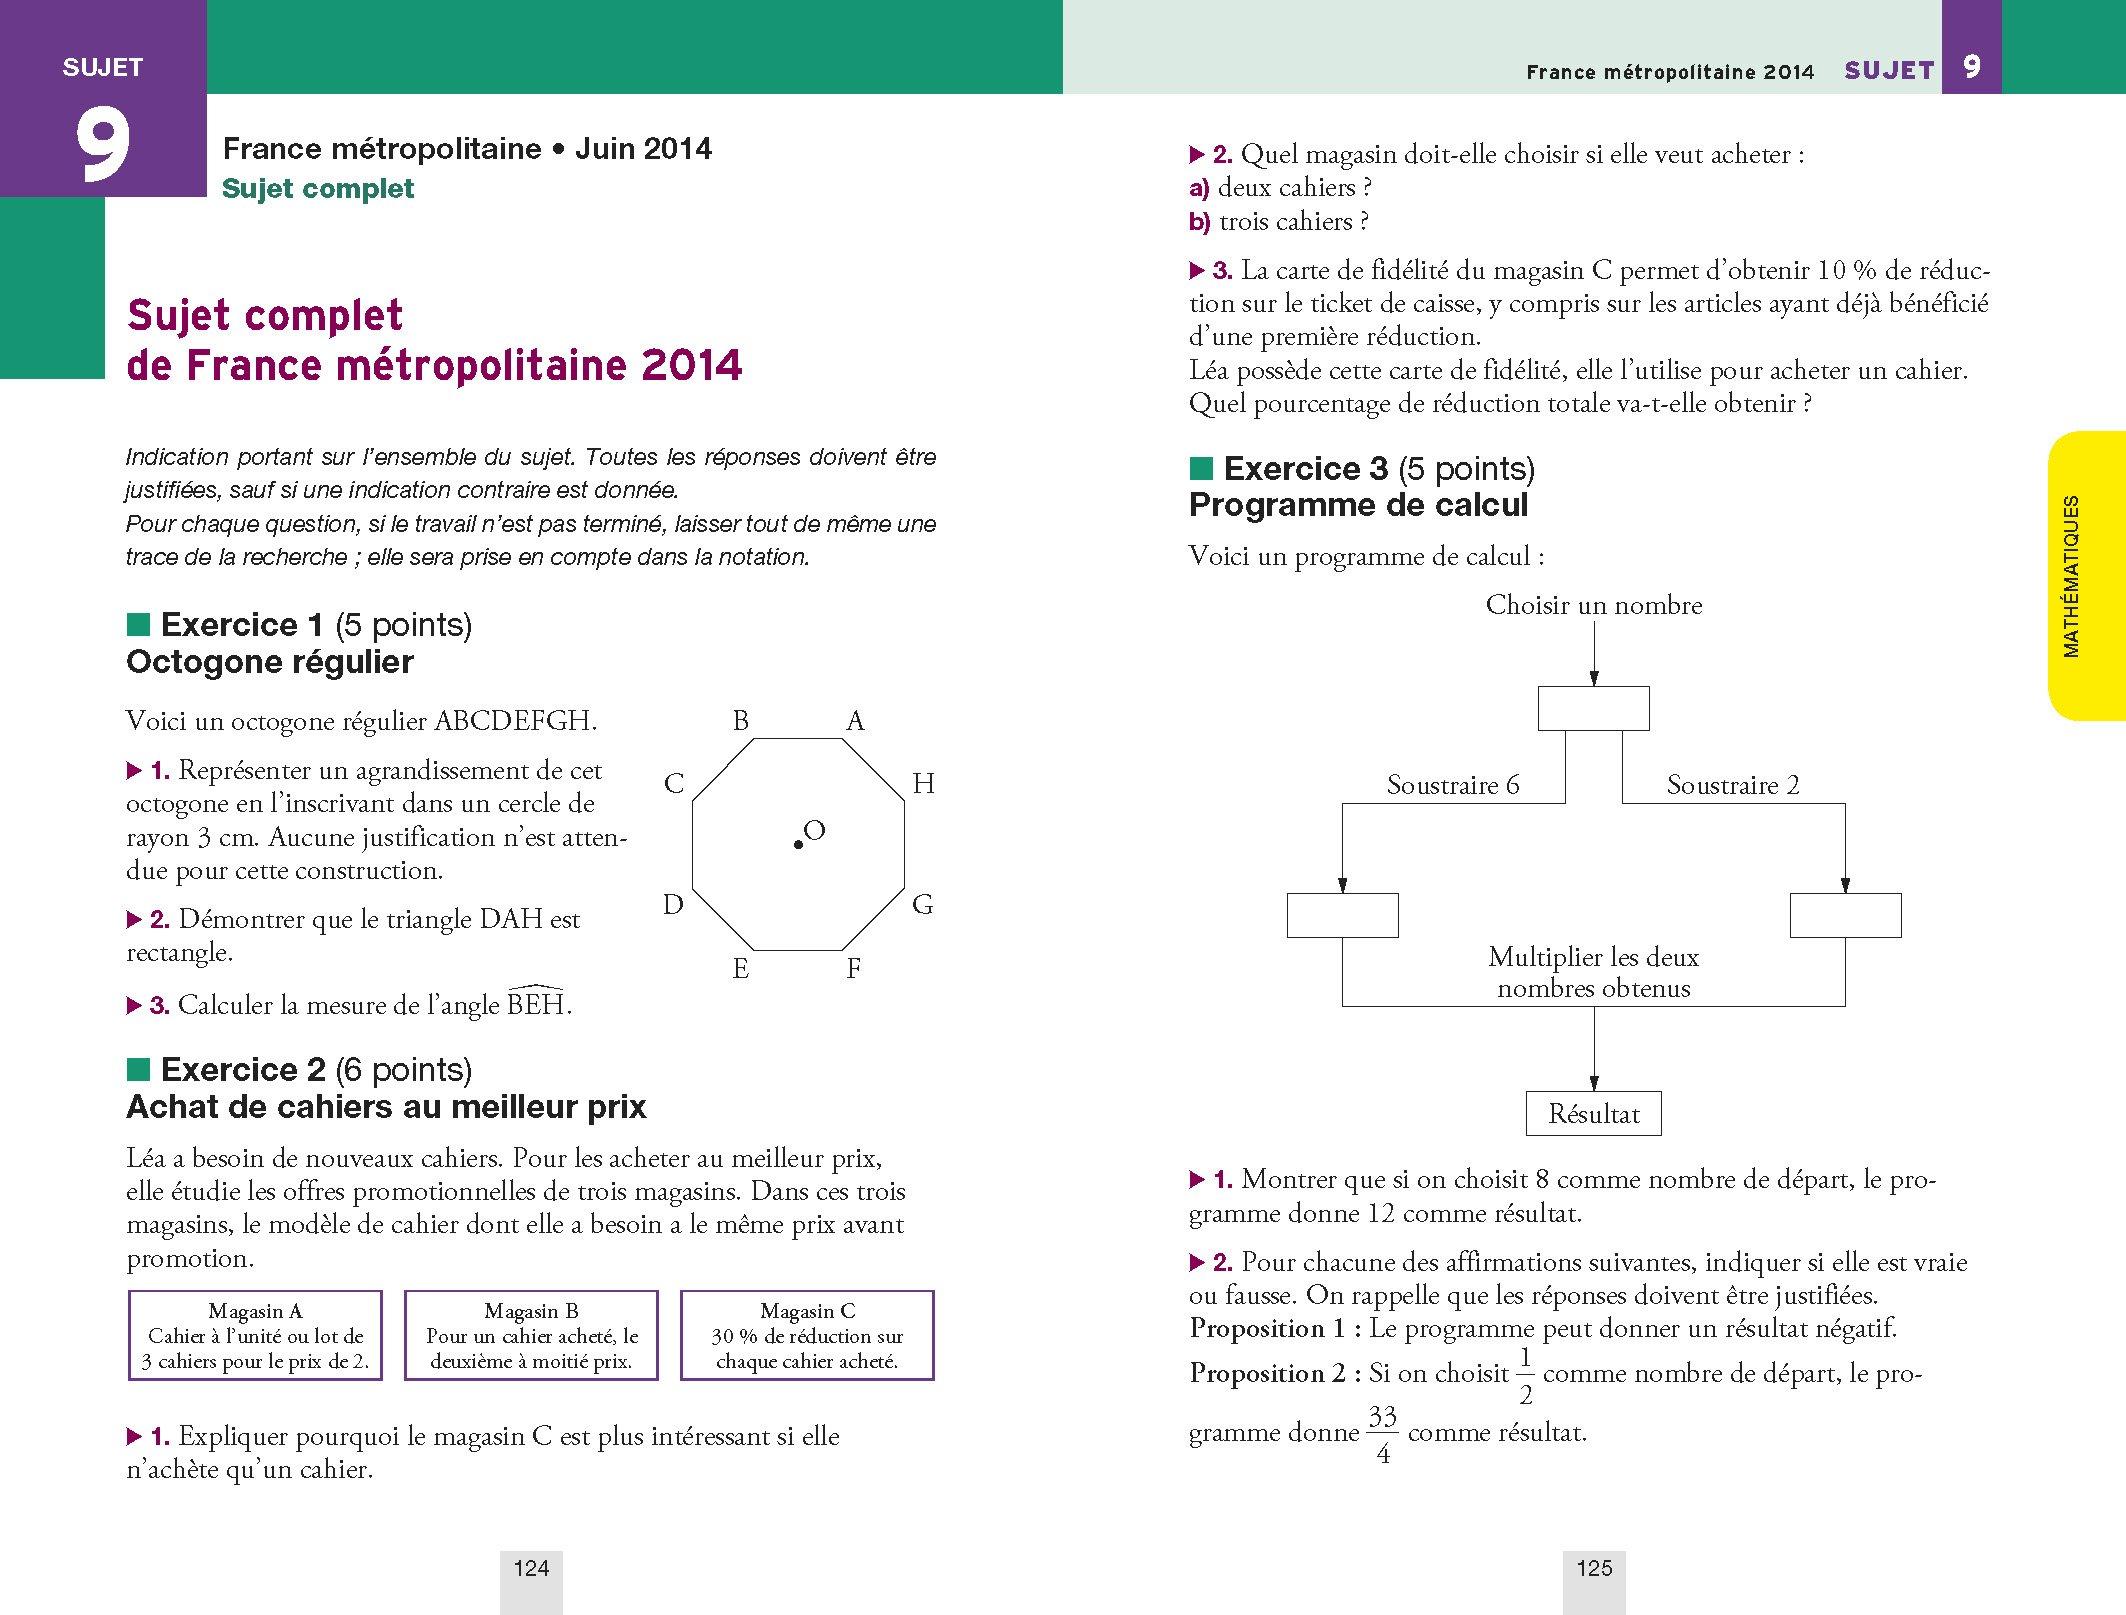 Annales Annabrevet 2015 Lintégrale 3e: sujets et corrigés du brevet dans toutes les matières: Amazon.es: Collectif: Libros en idiomas extranjeros